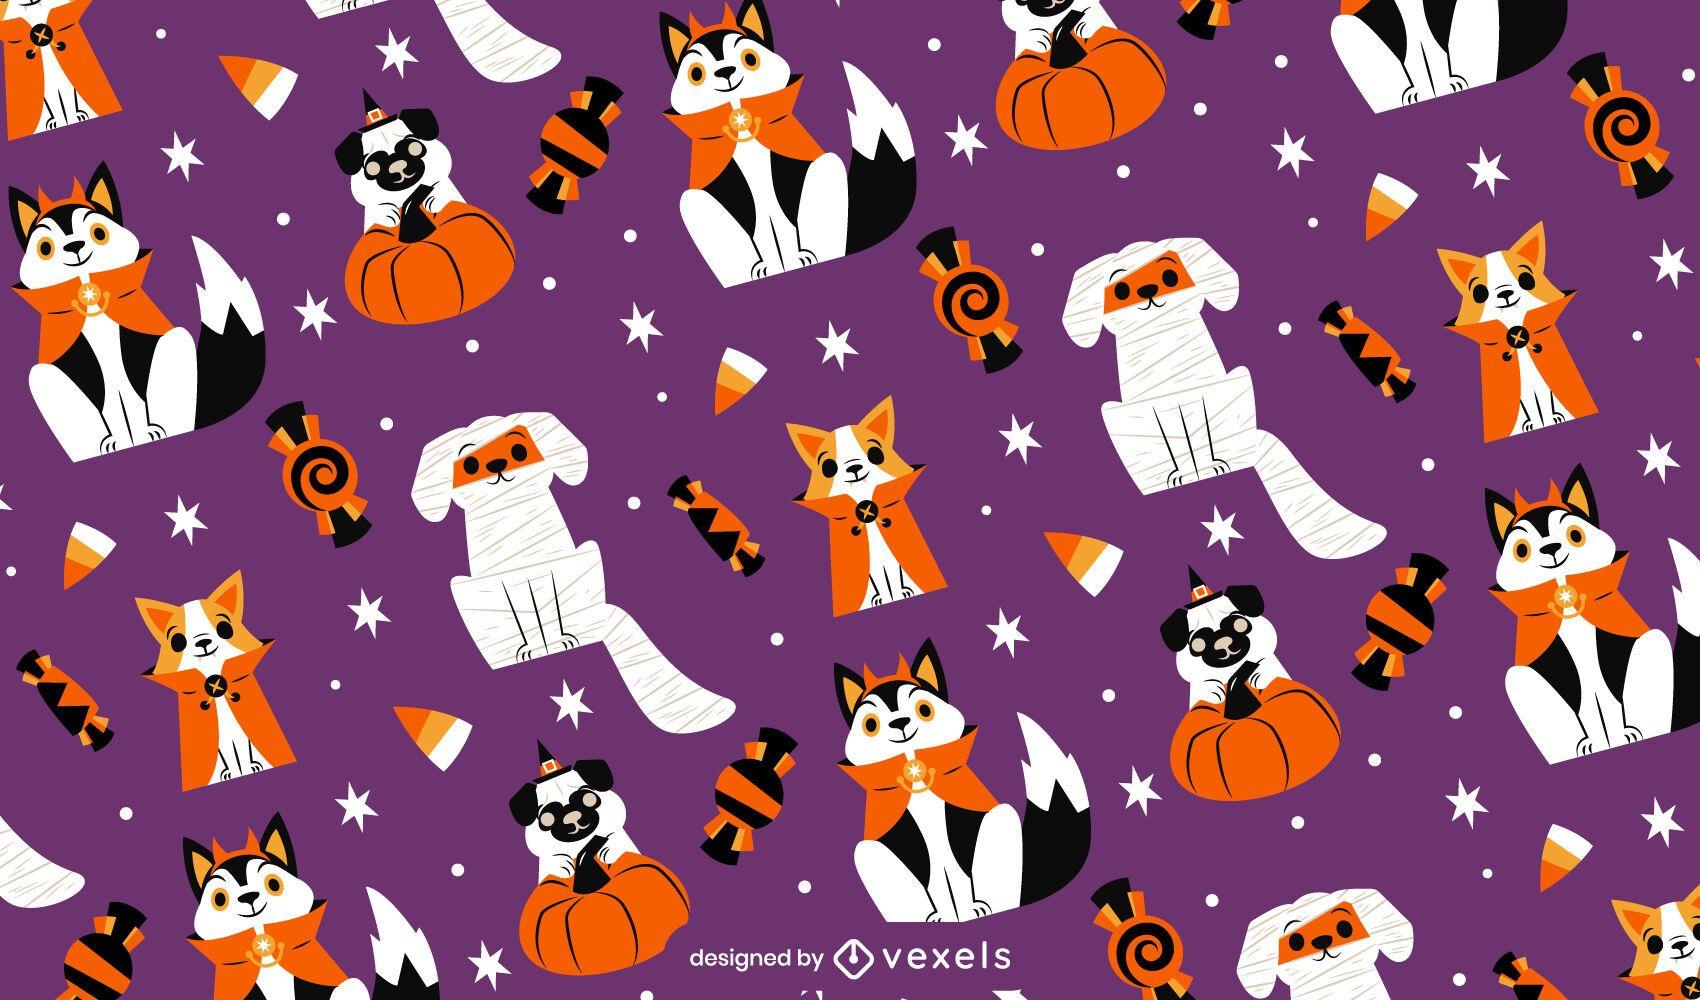 Perros en diseño de patrón de disfraces de halloween